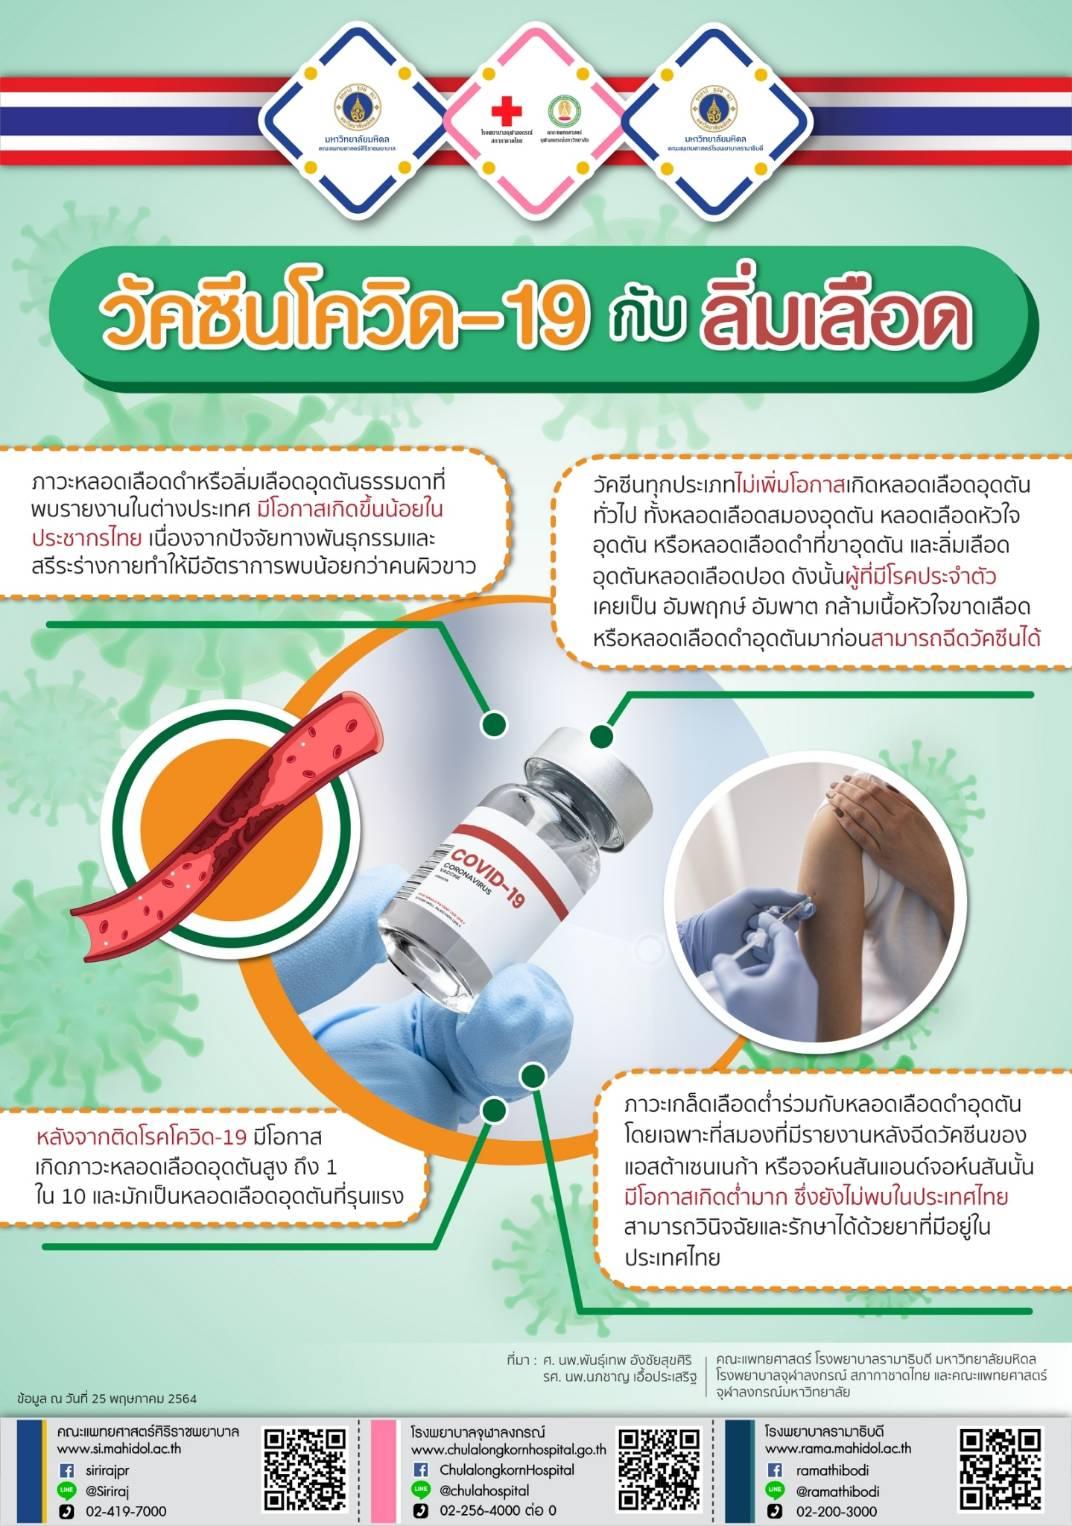 วัคซีนโควิด-19 กับ ลิ่มเลือด